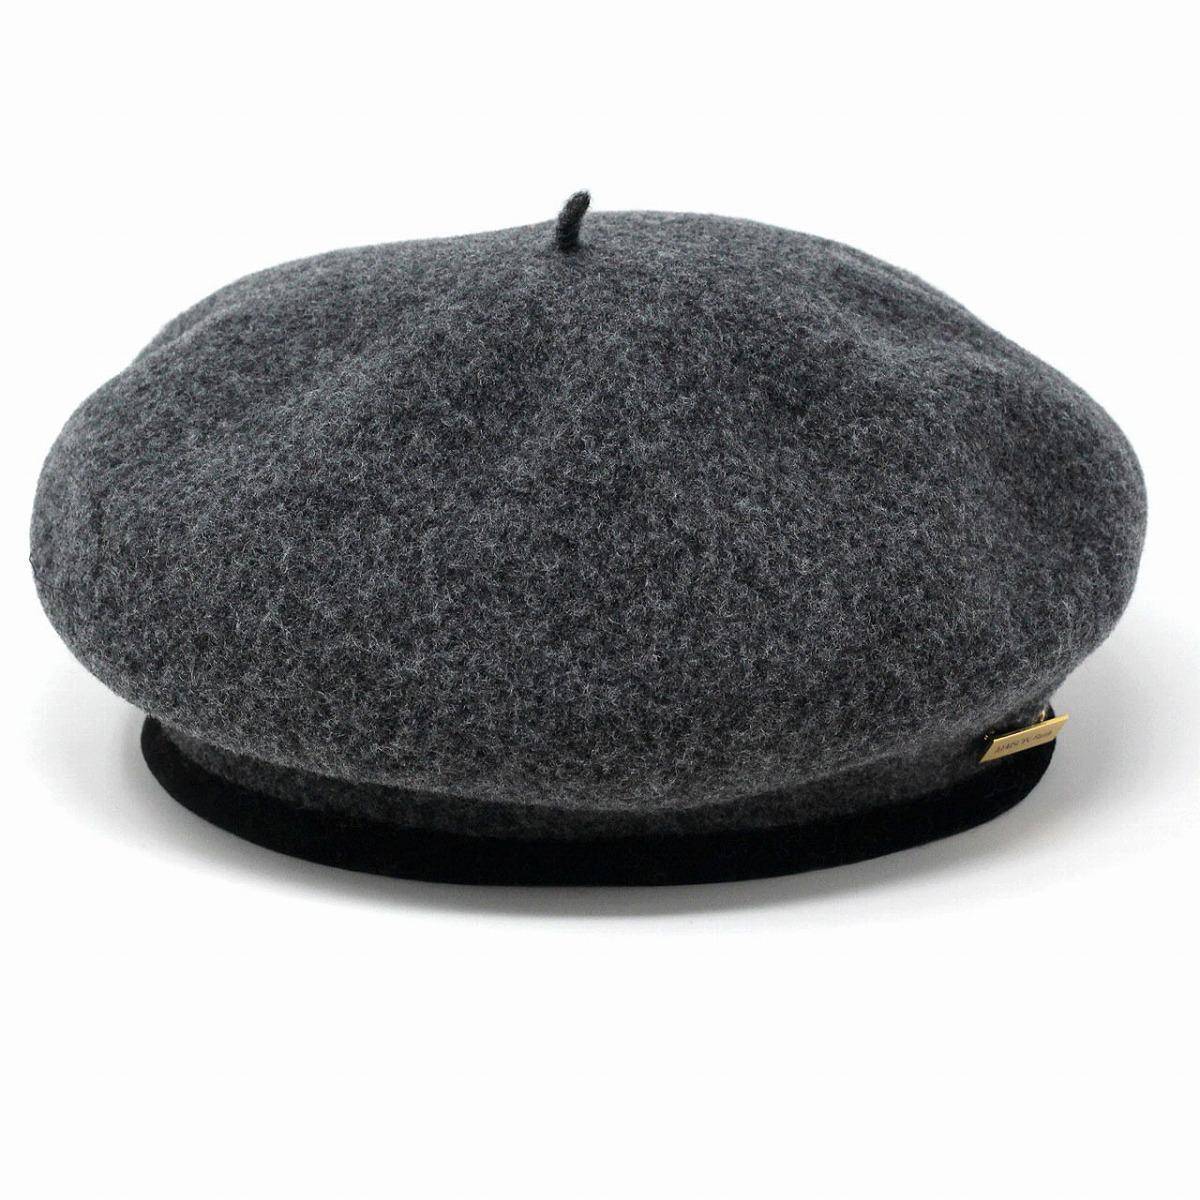 羊毛 ちょぼ付き ベレー レディース メゾン バース ベレー アーミーベレー maisonbirth 帽子 レディース ベレー帽 メンズ 日本製 フリーサイズ グレー [ beret ] プレゼント クリスマス ギフト 帽子 贈り物 ラッピング無料